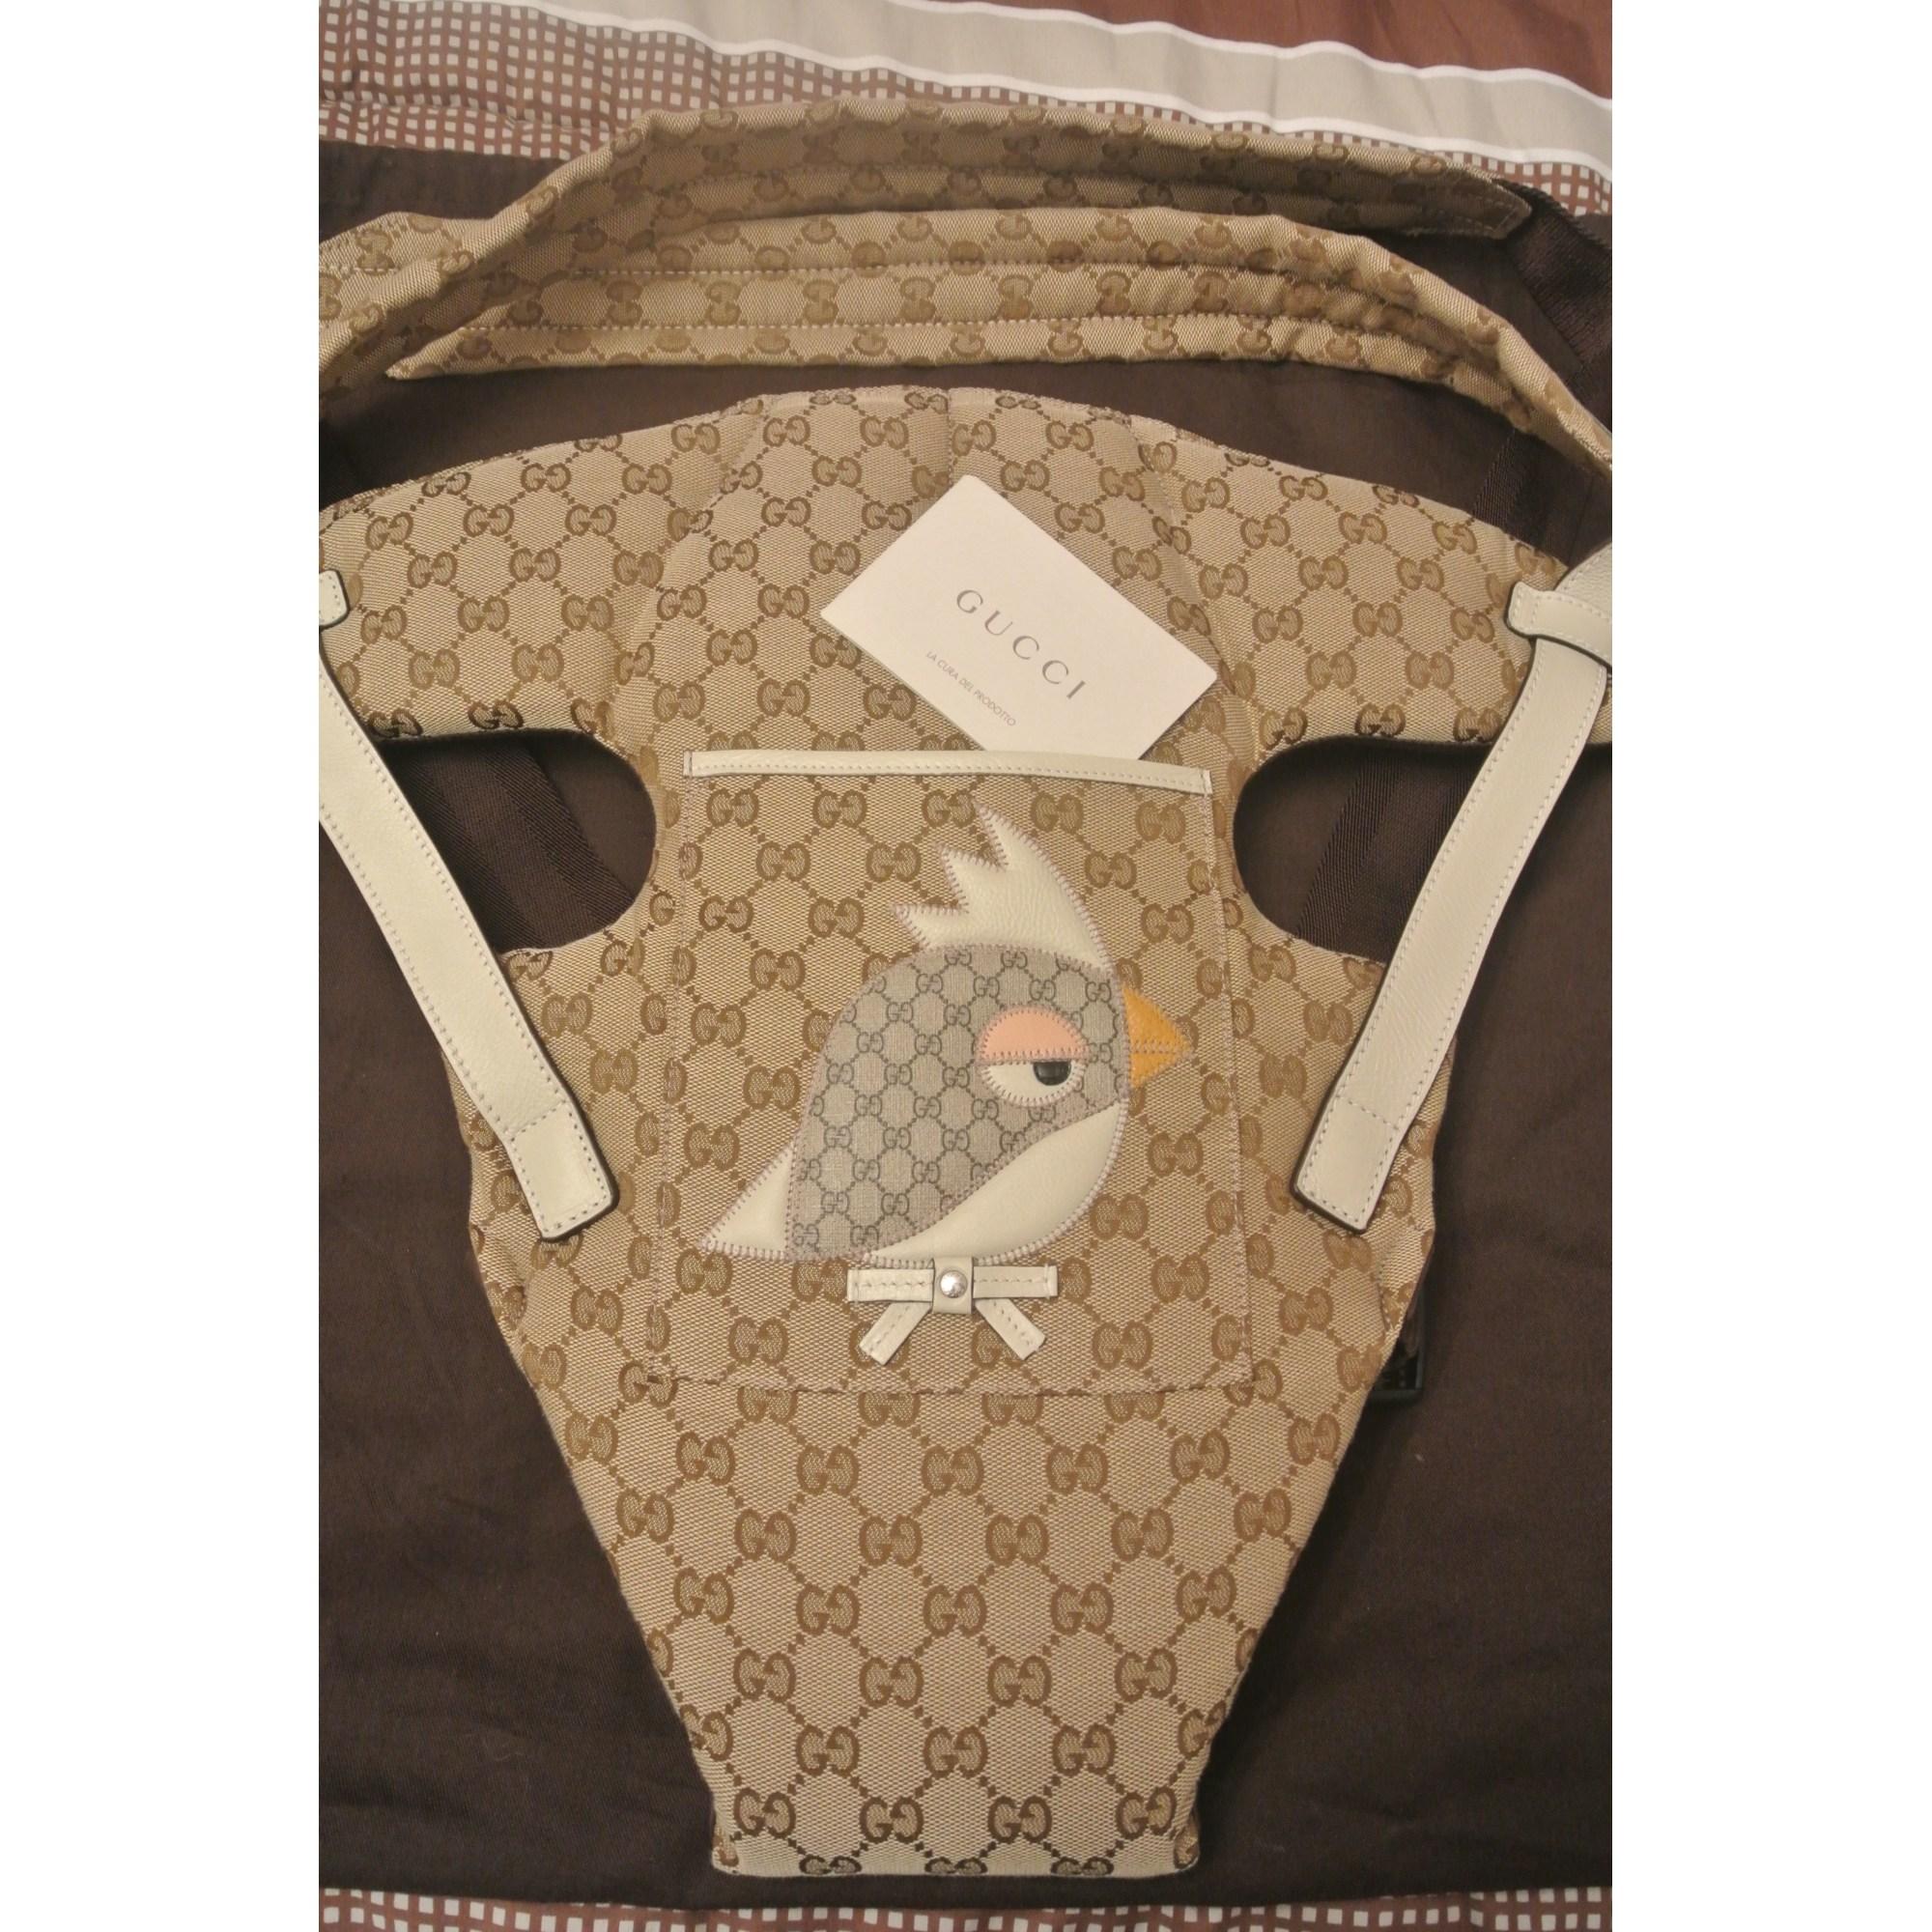 8c2263b27433b Soin bébé GUCCI vendu par D hanae lolie508051 - 2375915